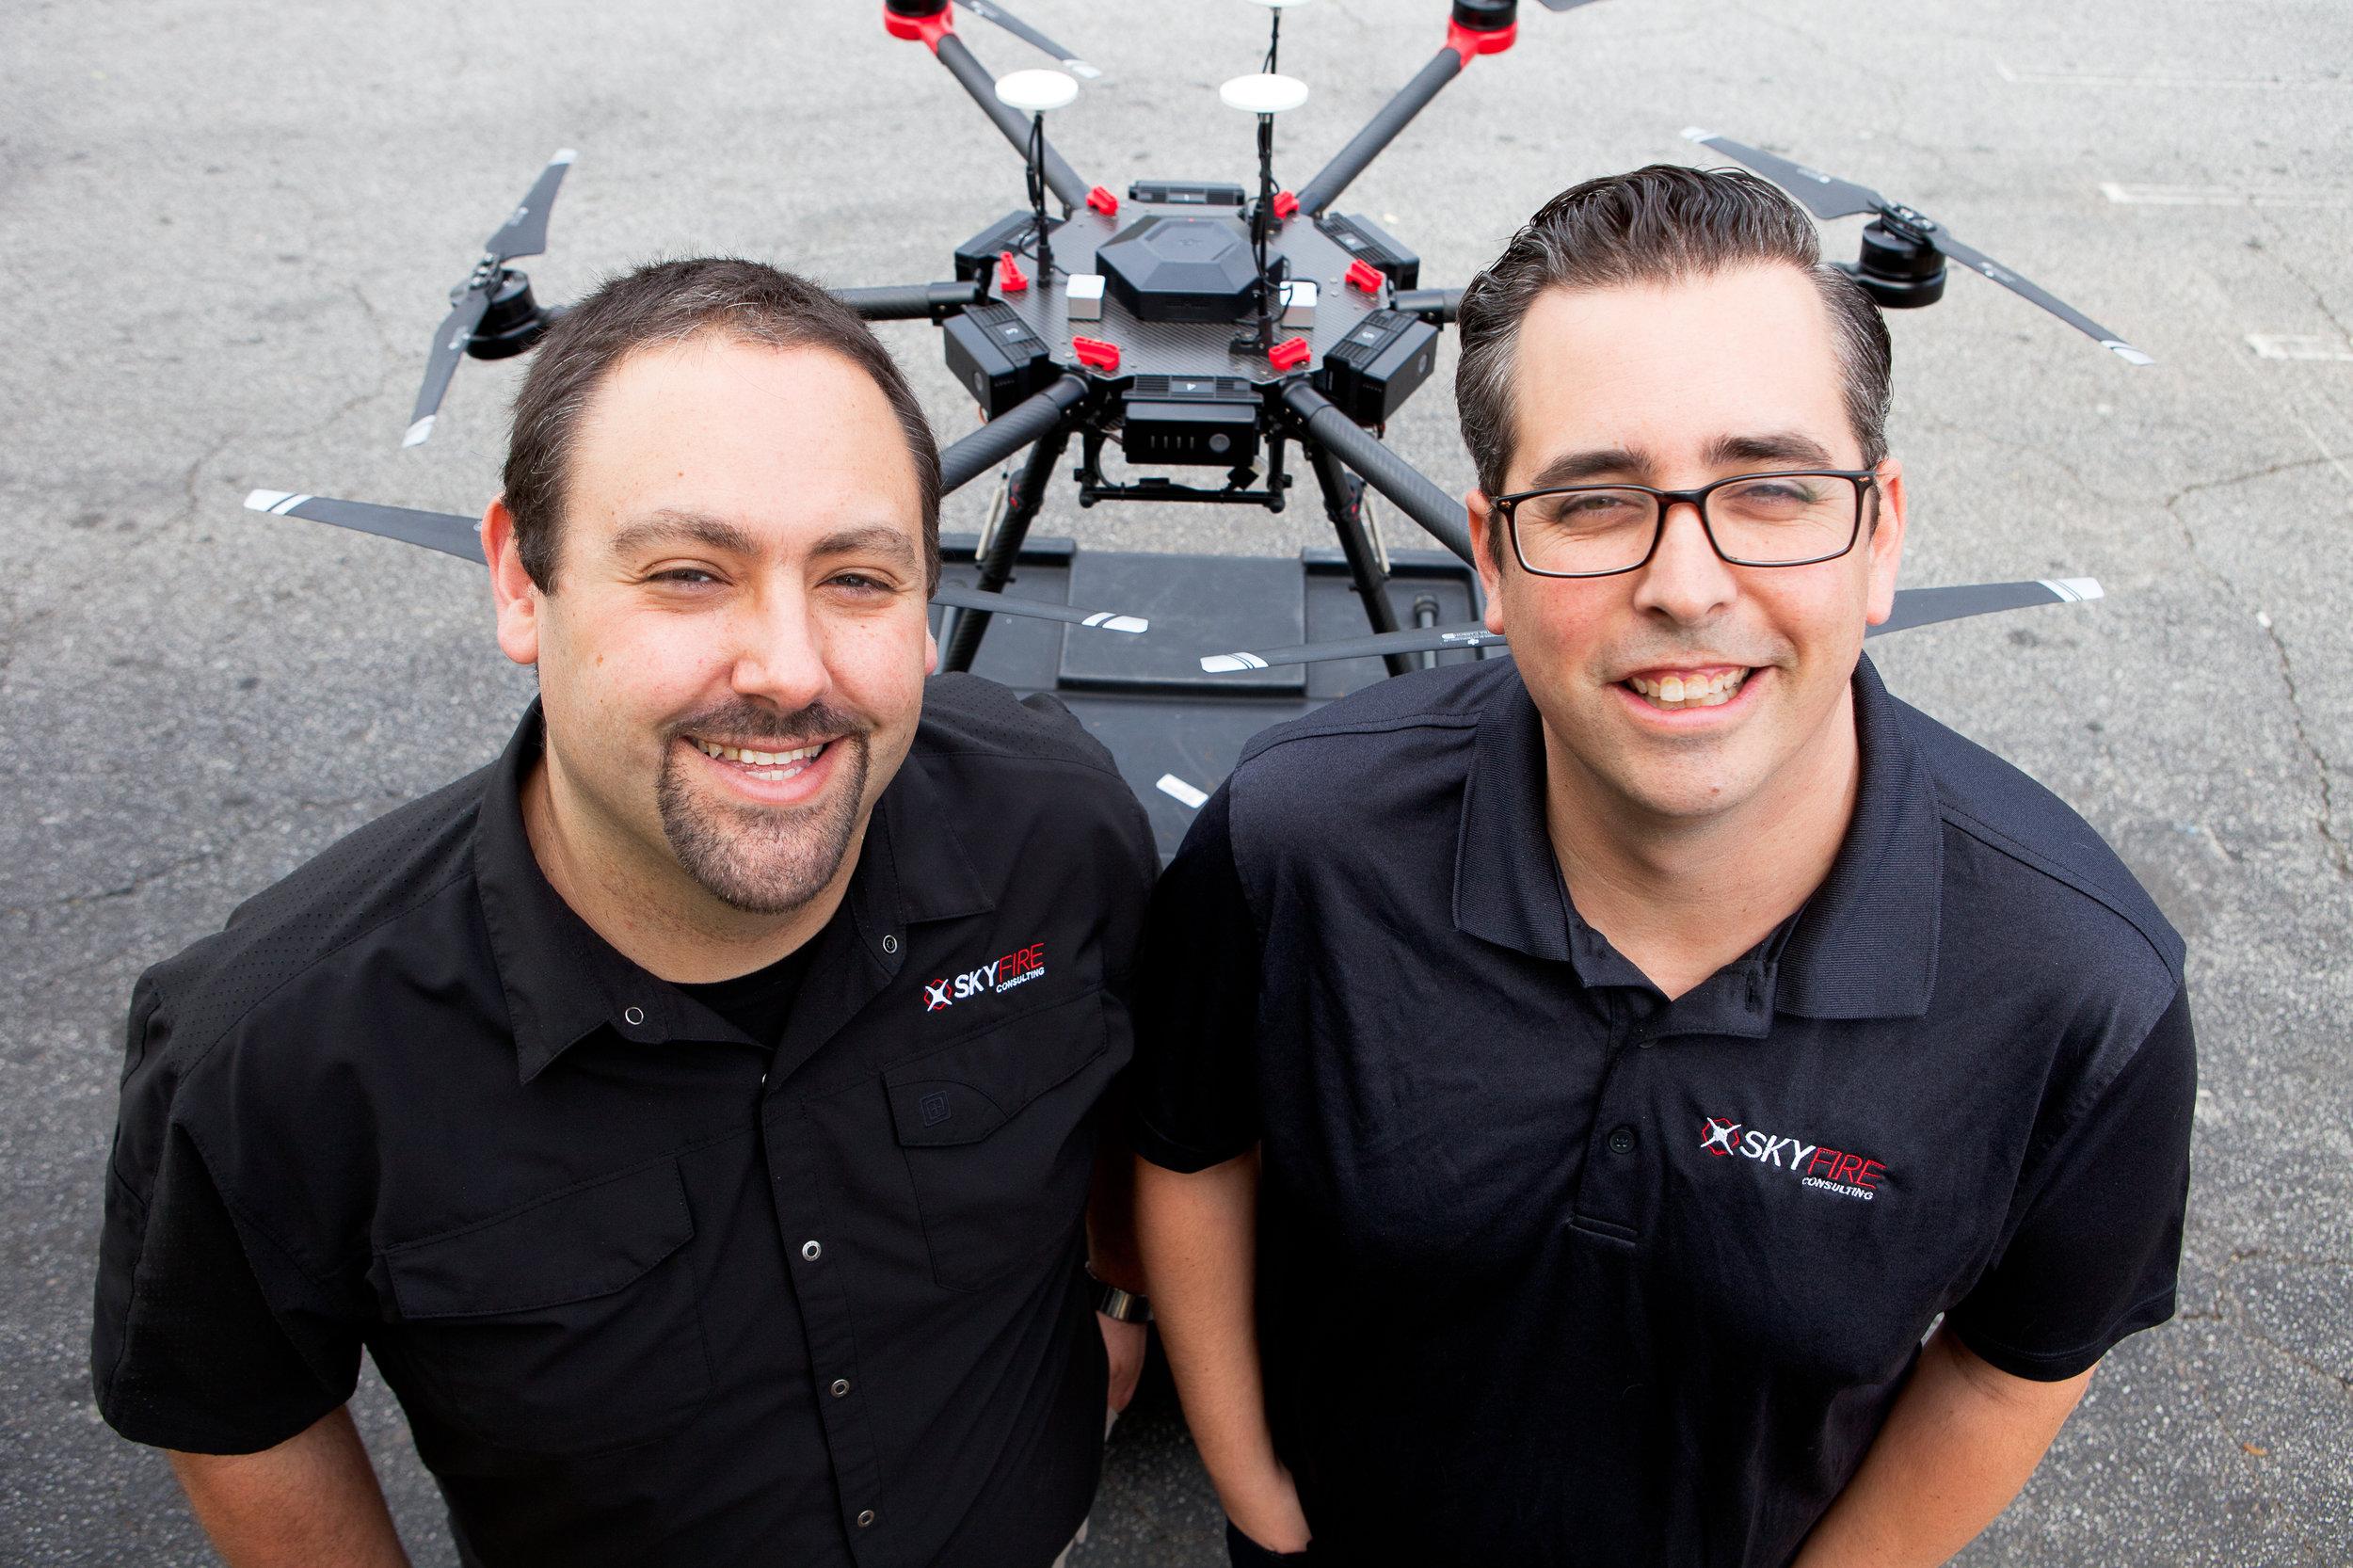 Ben Kroll and Matt Sloane, founders of SKyfire Consulting